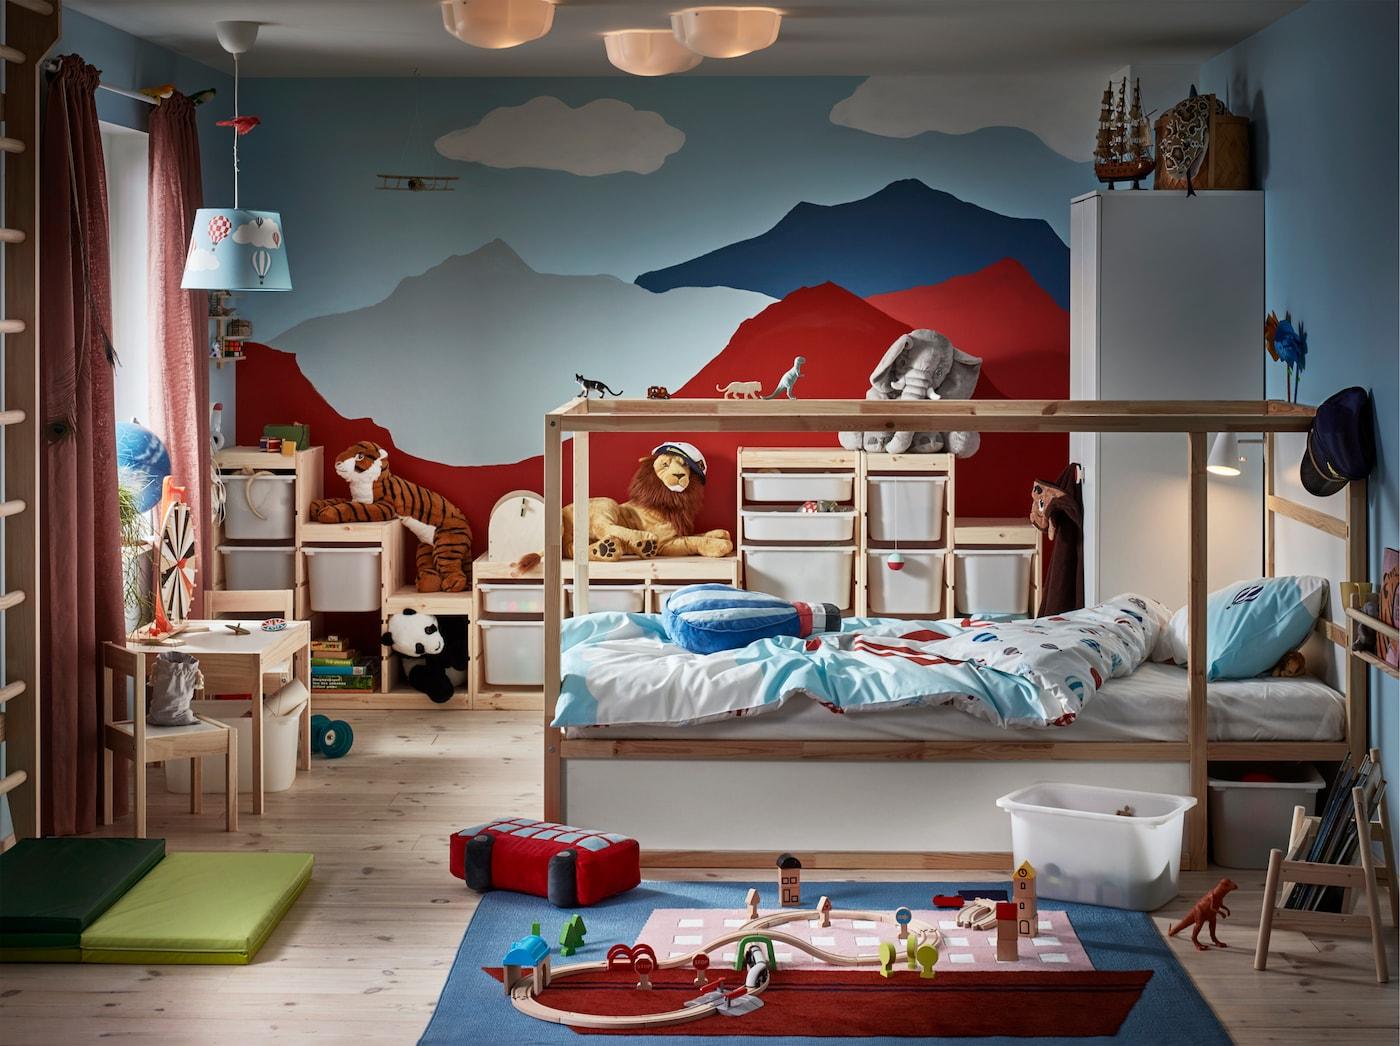 غرفة أطفال بها سرير من خشب الصنوبر وجدار مطلي كالجبال وسجادة عليها رسمة قارب والكثير من الدمى الطرية.